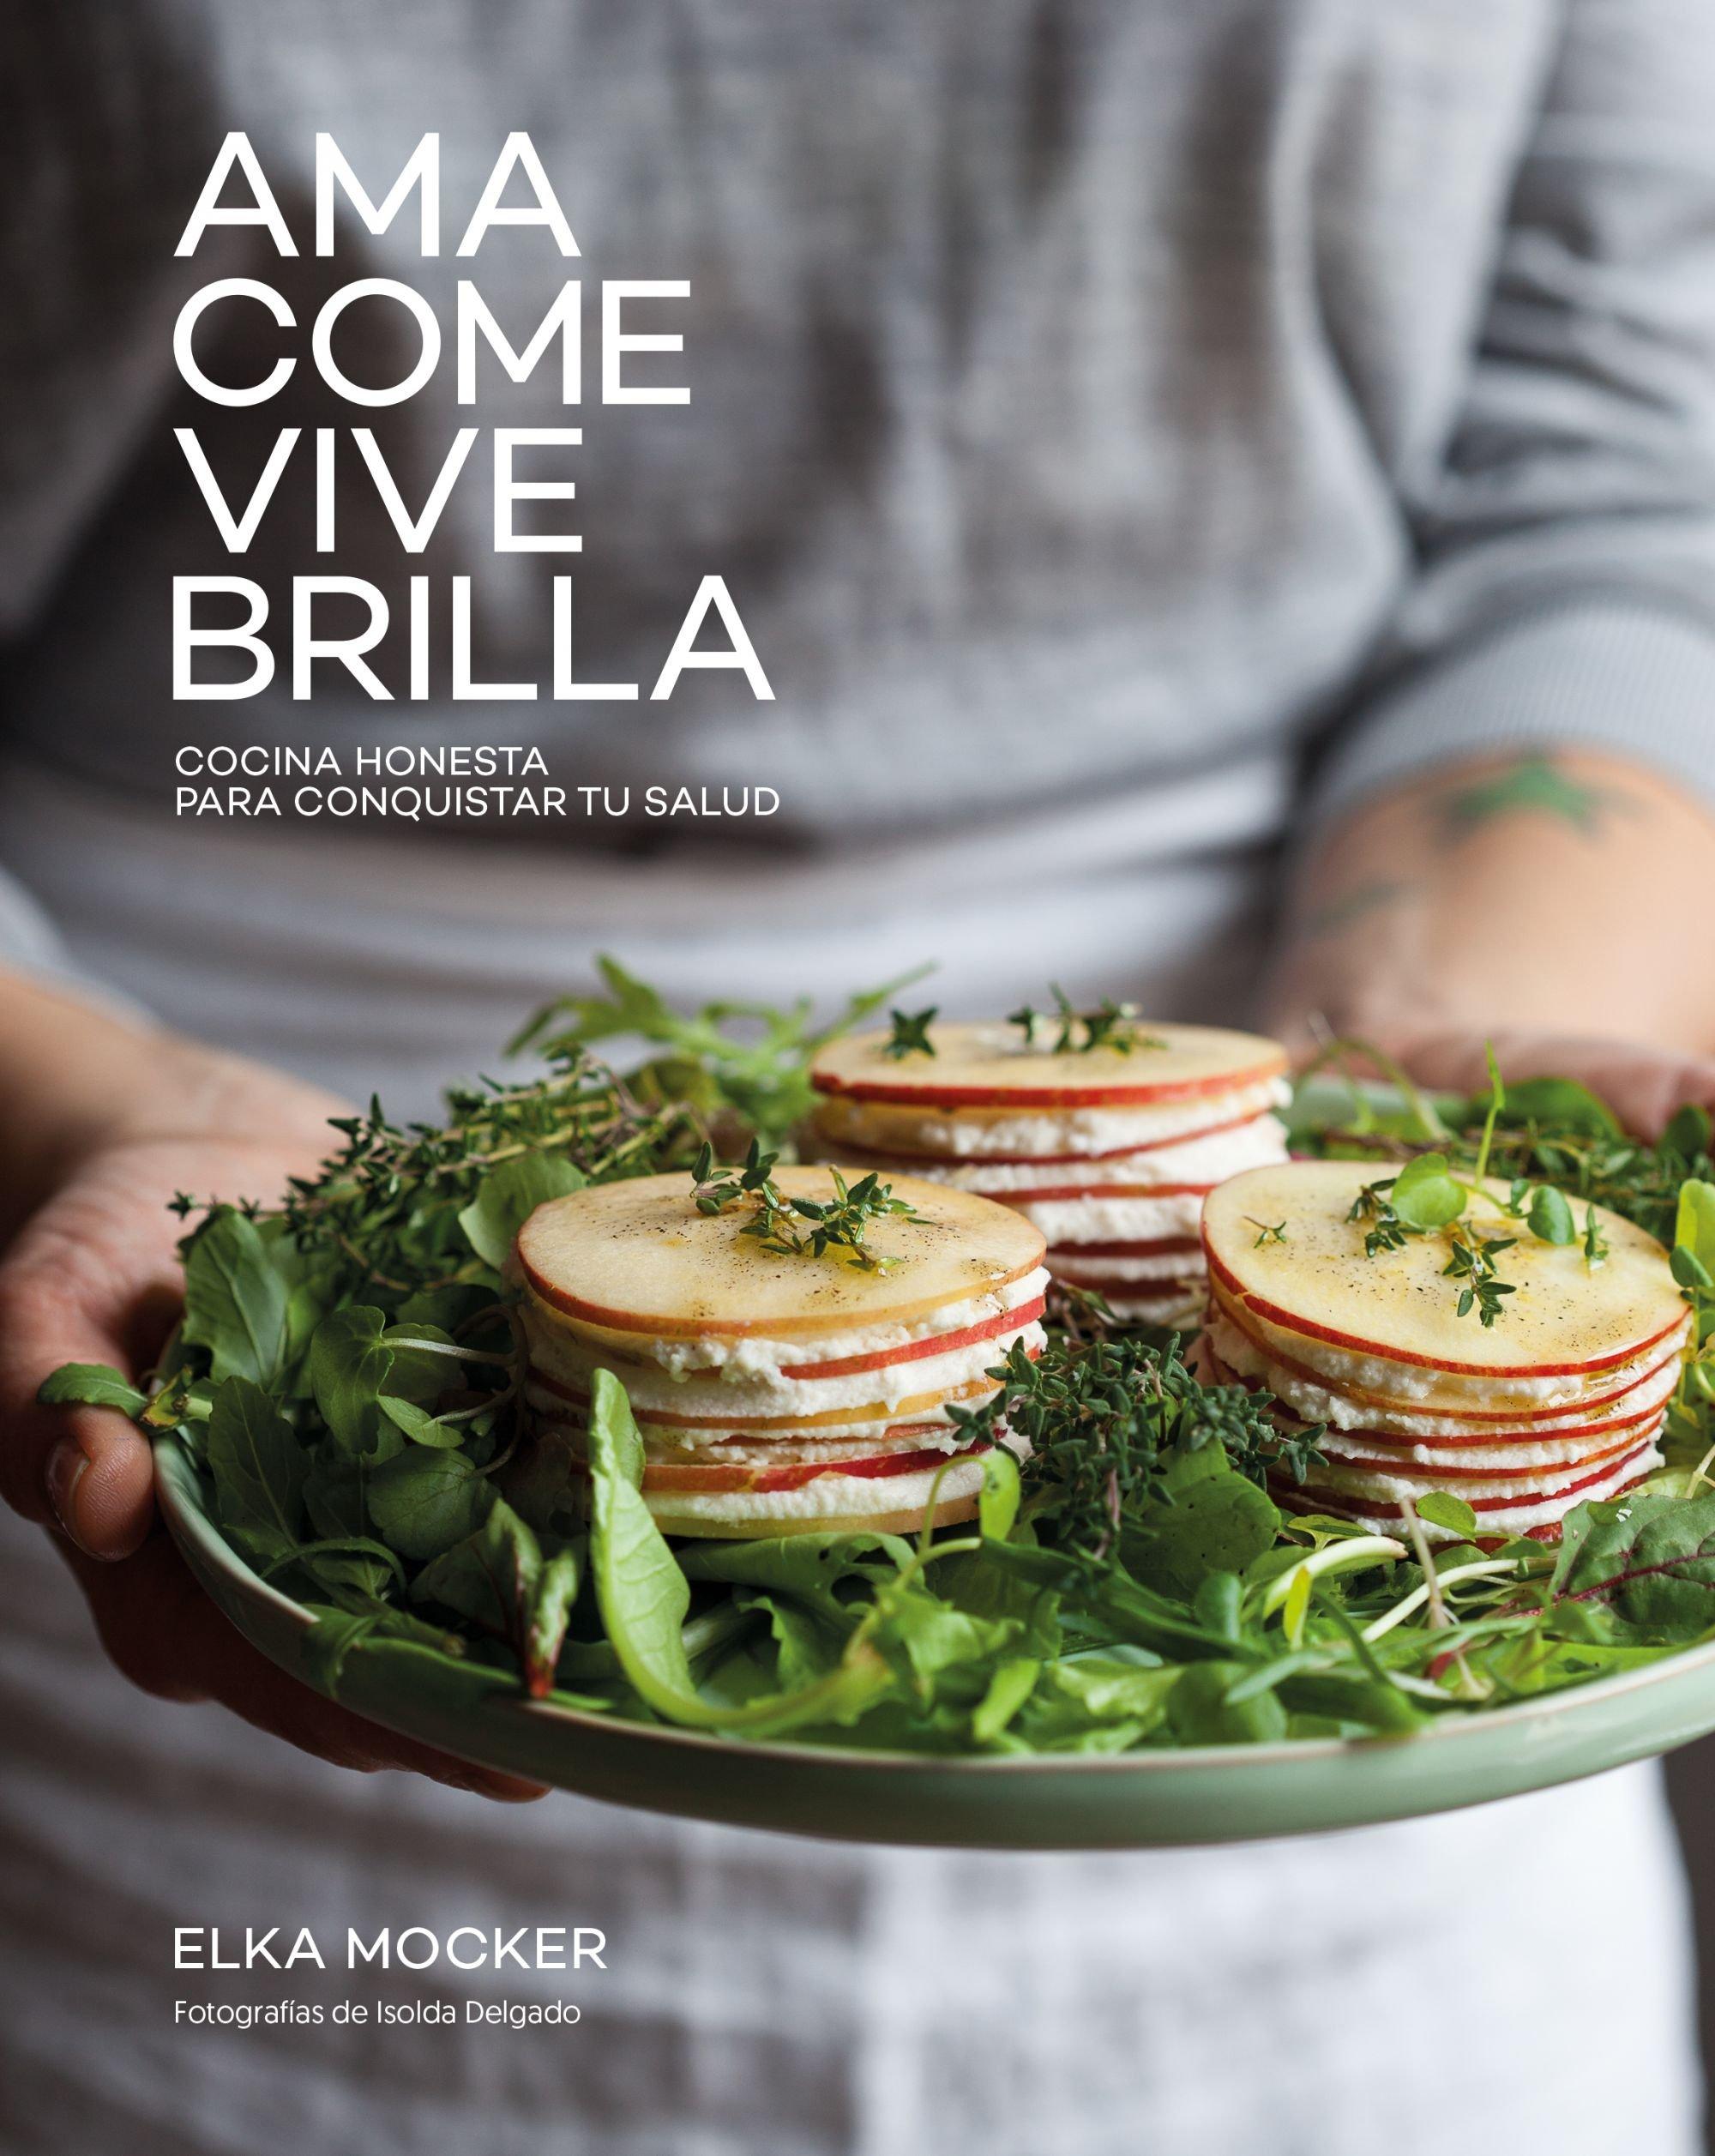 Ama, come, vive, brilla: Cocina honesta para conquistar tu salud